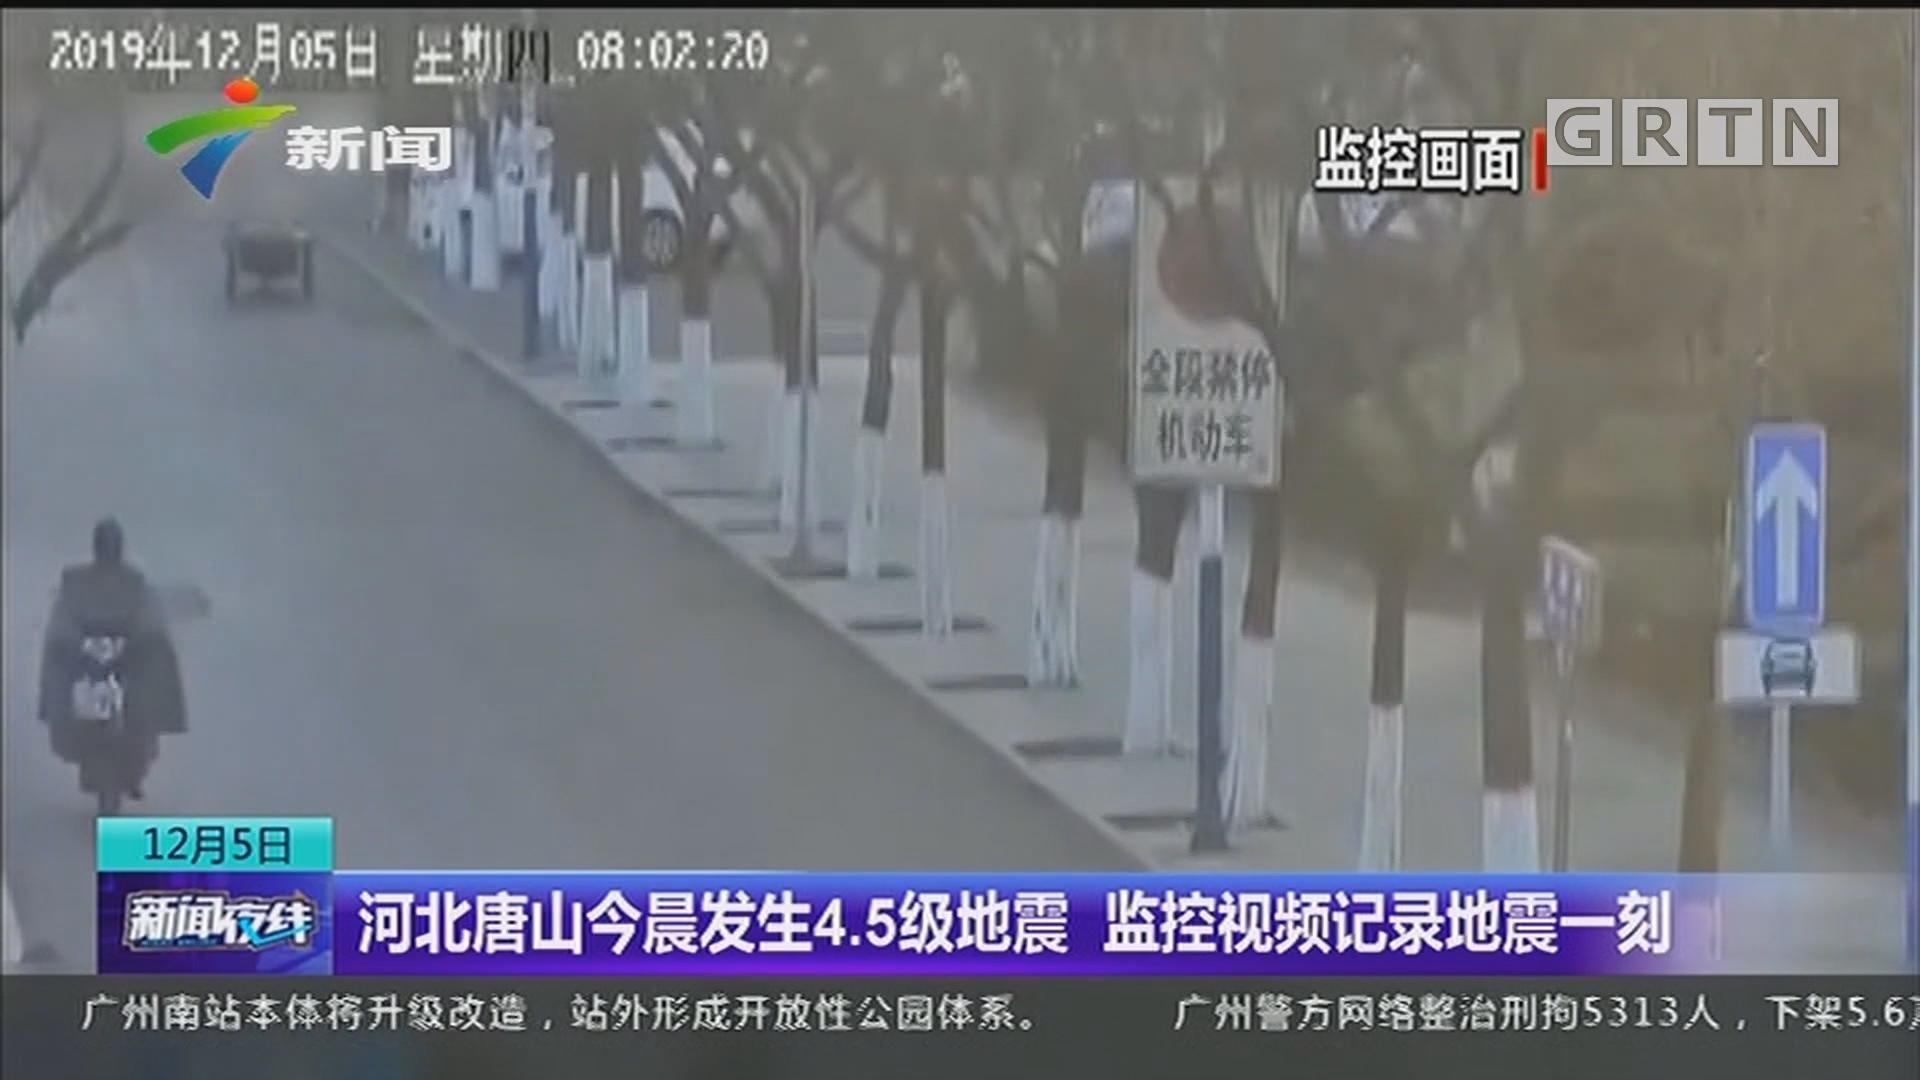 河北唐山今晨发生4.5级地震 监控视频记录地震一刻